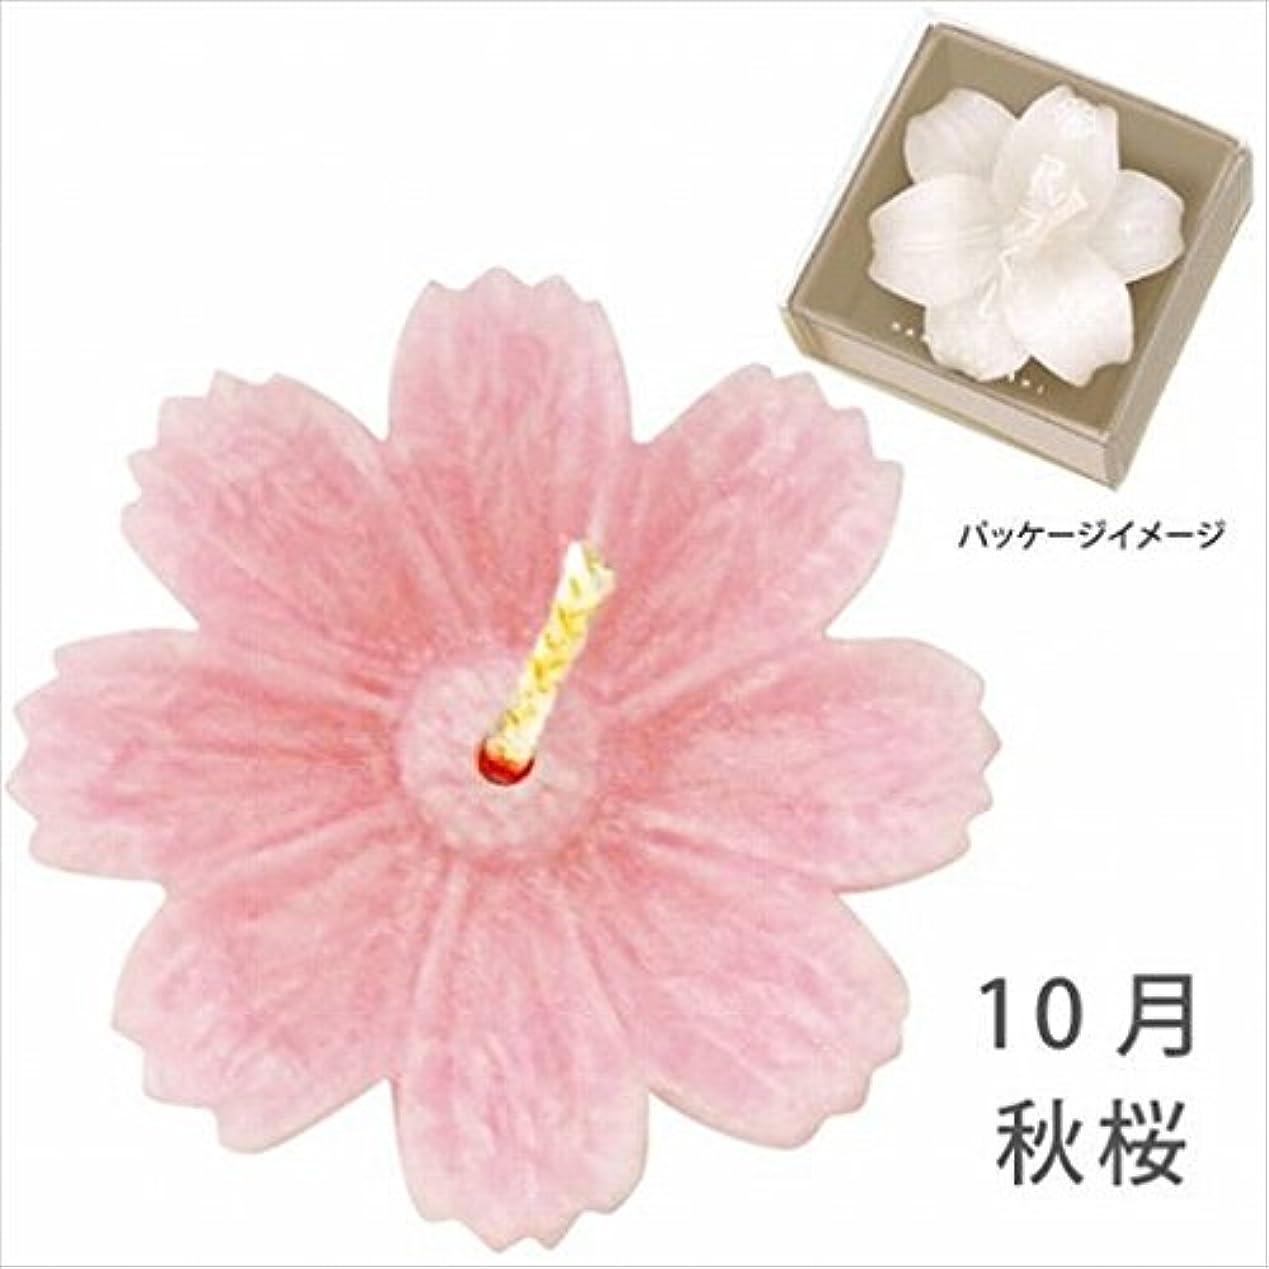 辞任するタクシー帽子カメヤマキャンドル(kameyama candle) 花づくし(植物性) 秋桜 「 秋桜(10月) 」 キャンドル